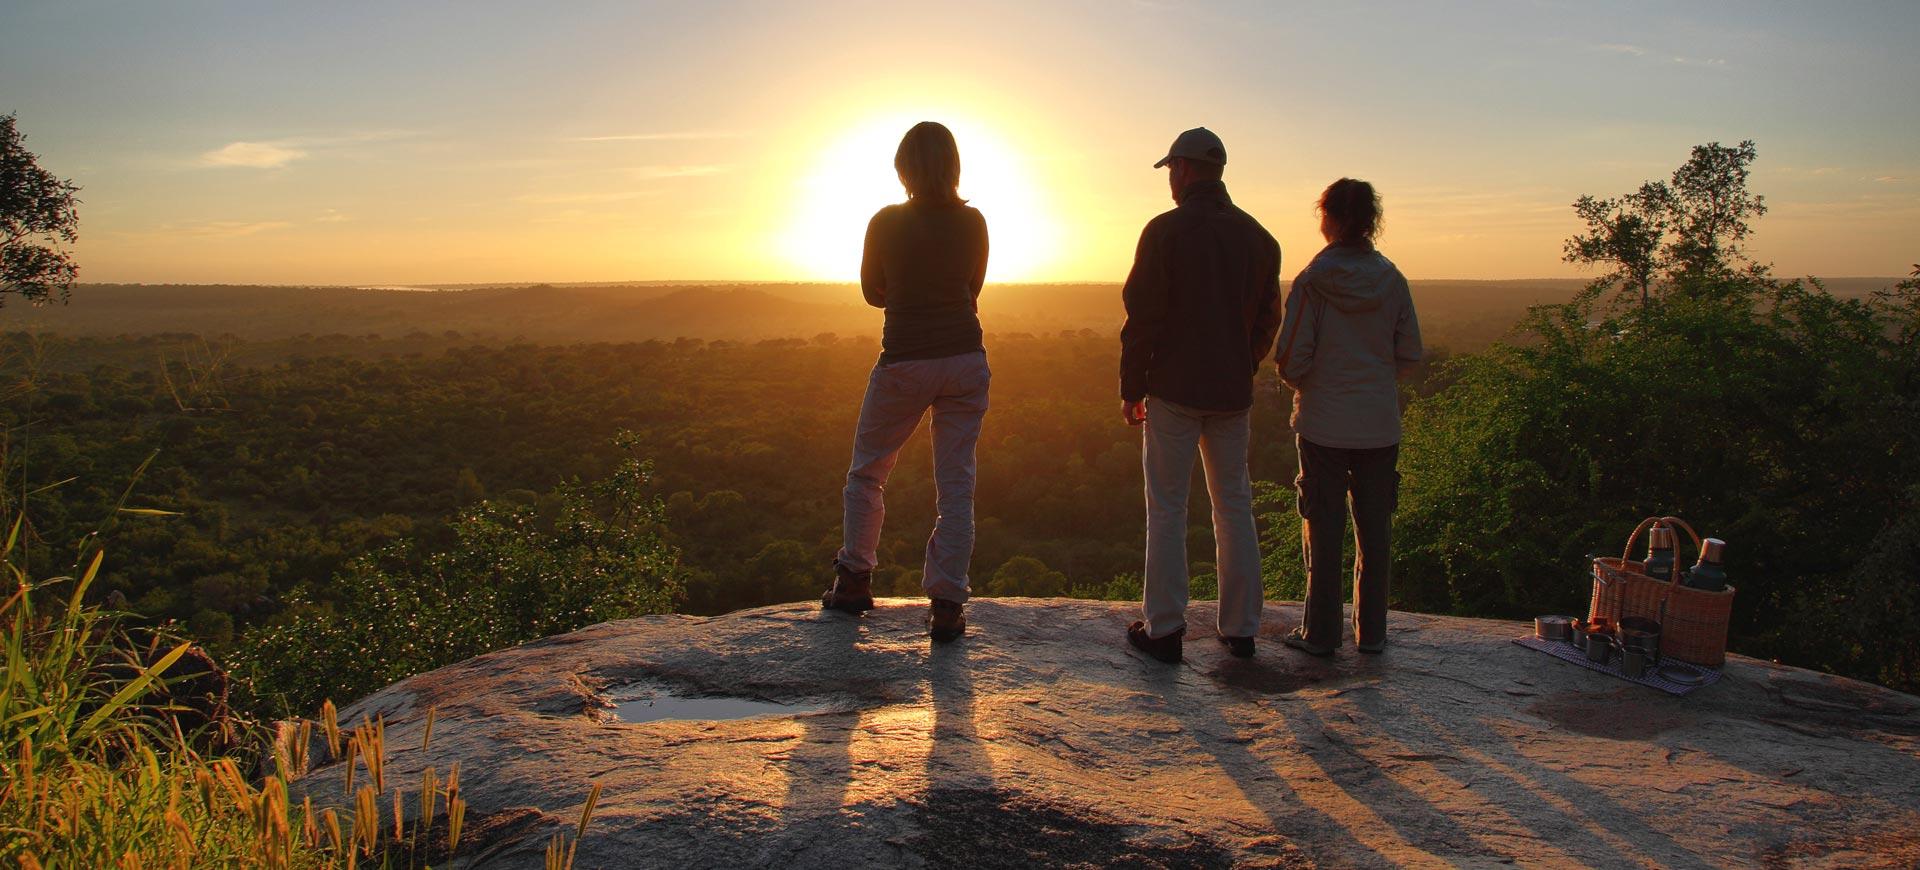 Kruger National Park Guided Walking